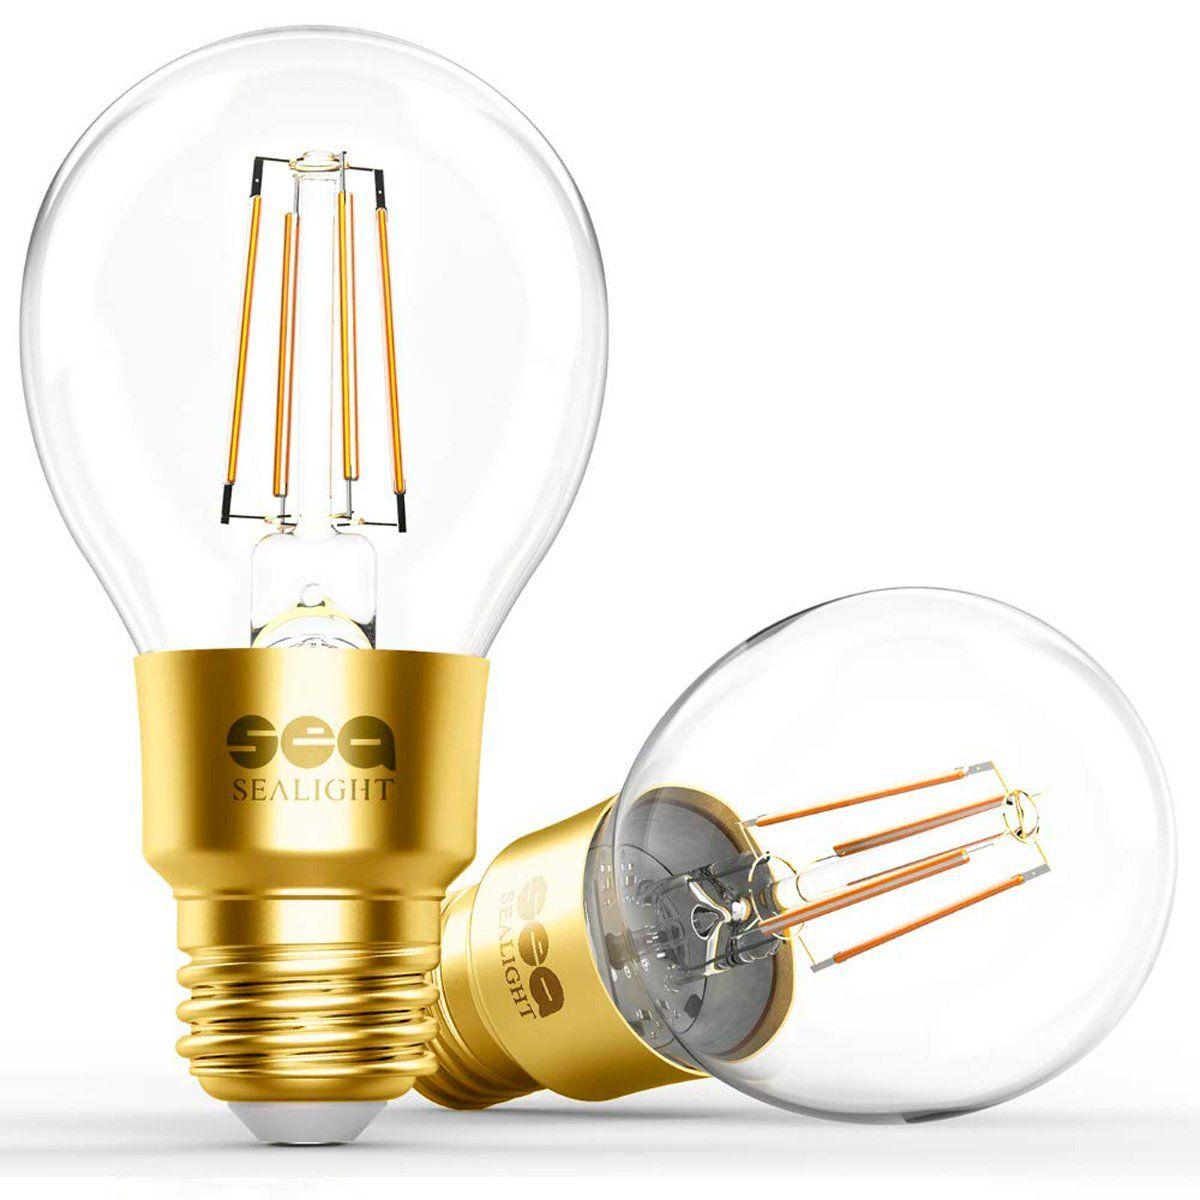 Smart Light Bulbs That Work With Amazon Alexa In 2020 Smart Light Bulbs Smart Lighting Smart Bulb